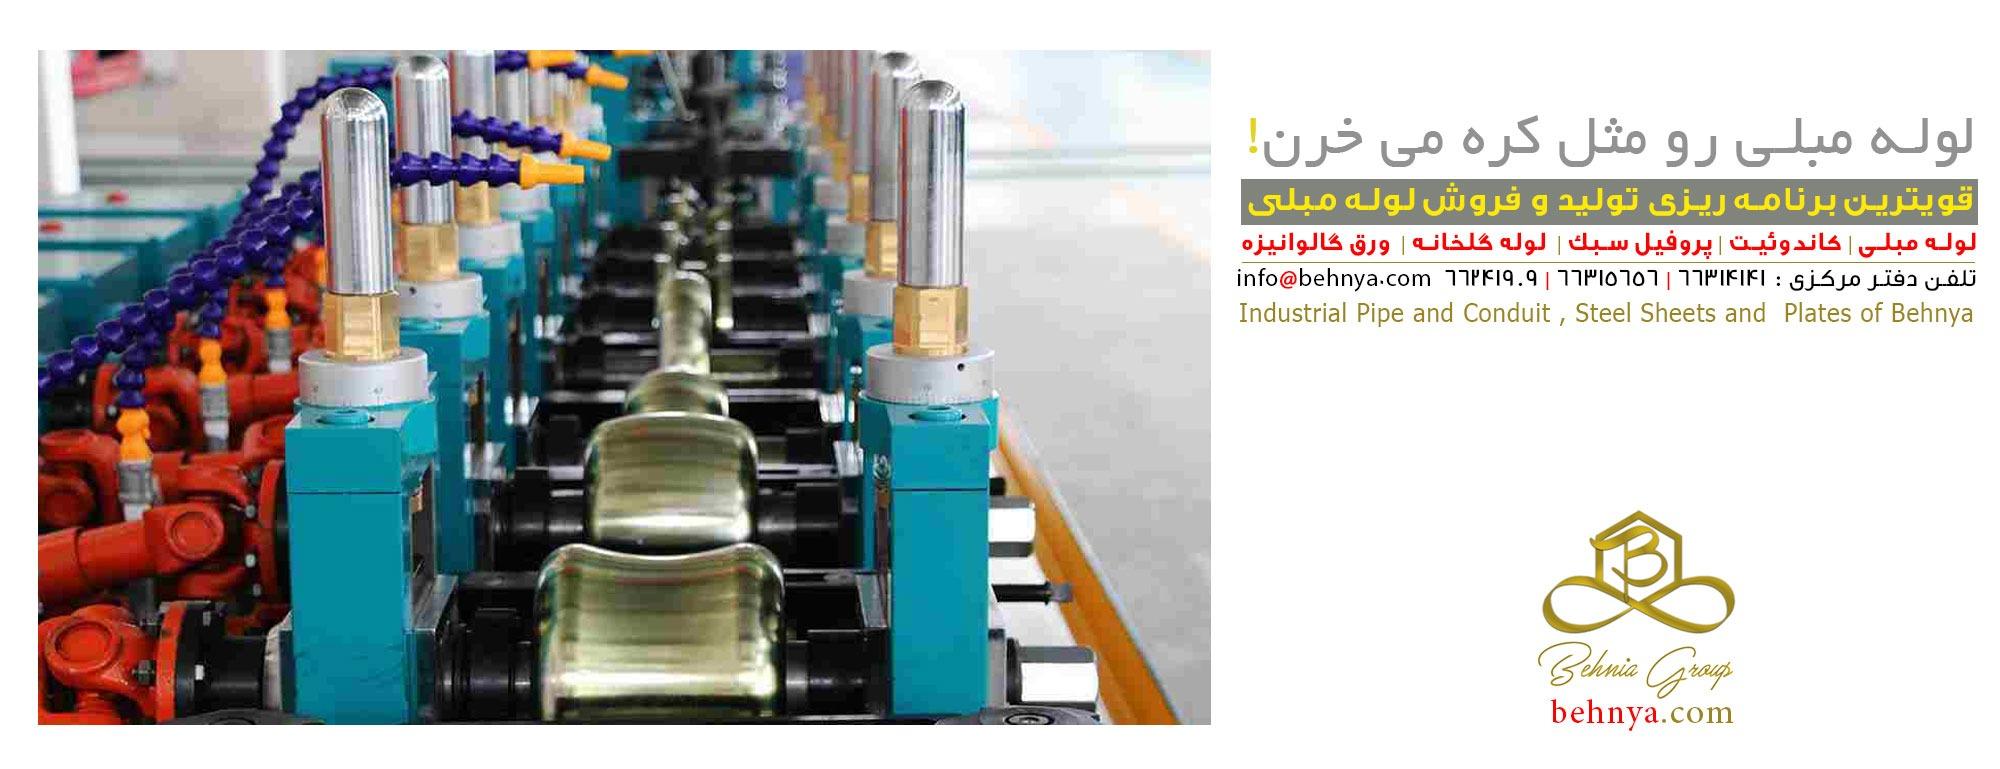 خط تولید لوله مبلی